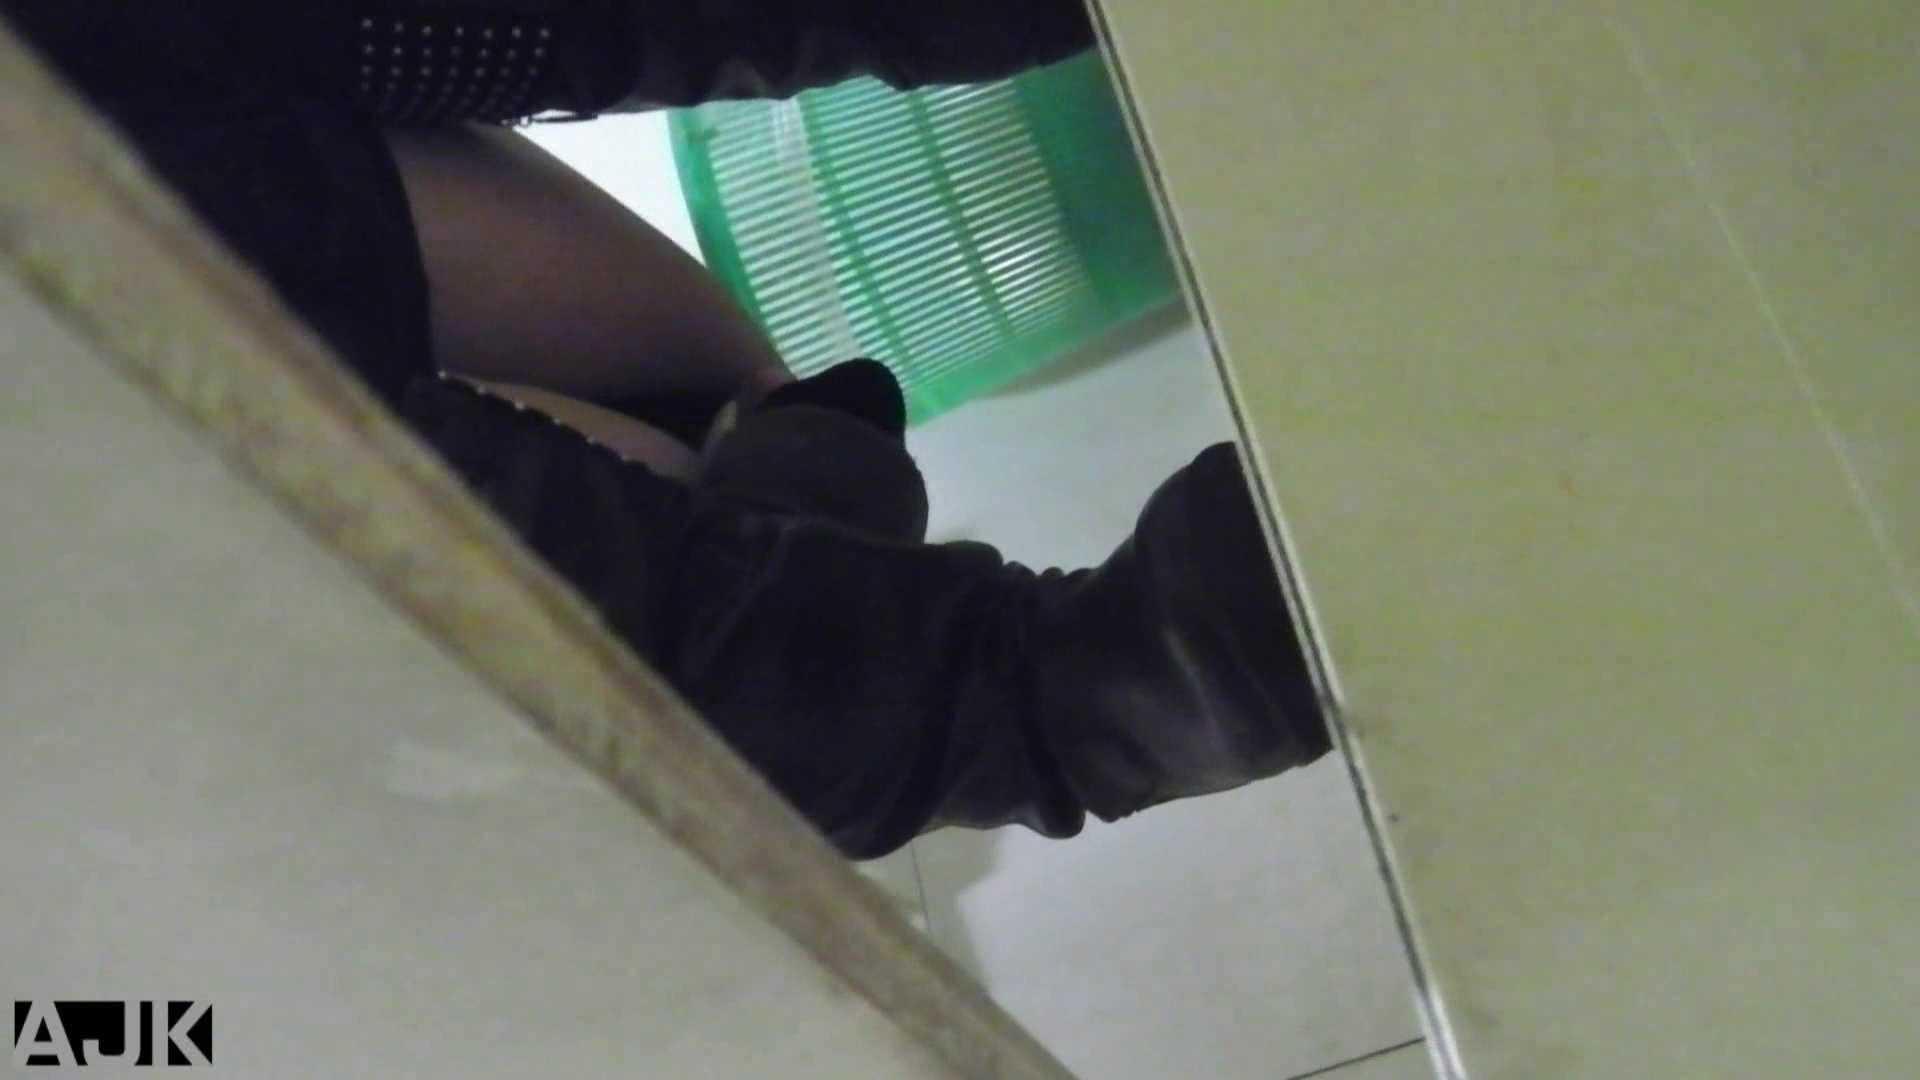 エッチ 熟女|隣国上階級エリアの令嬢たちが集うデパートお手洗い Vol.01|怪盗ジョーカー